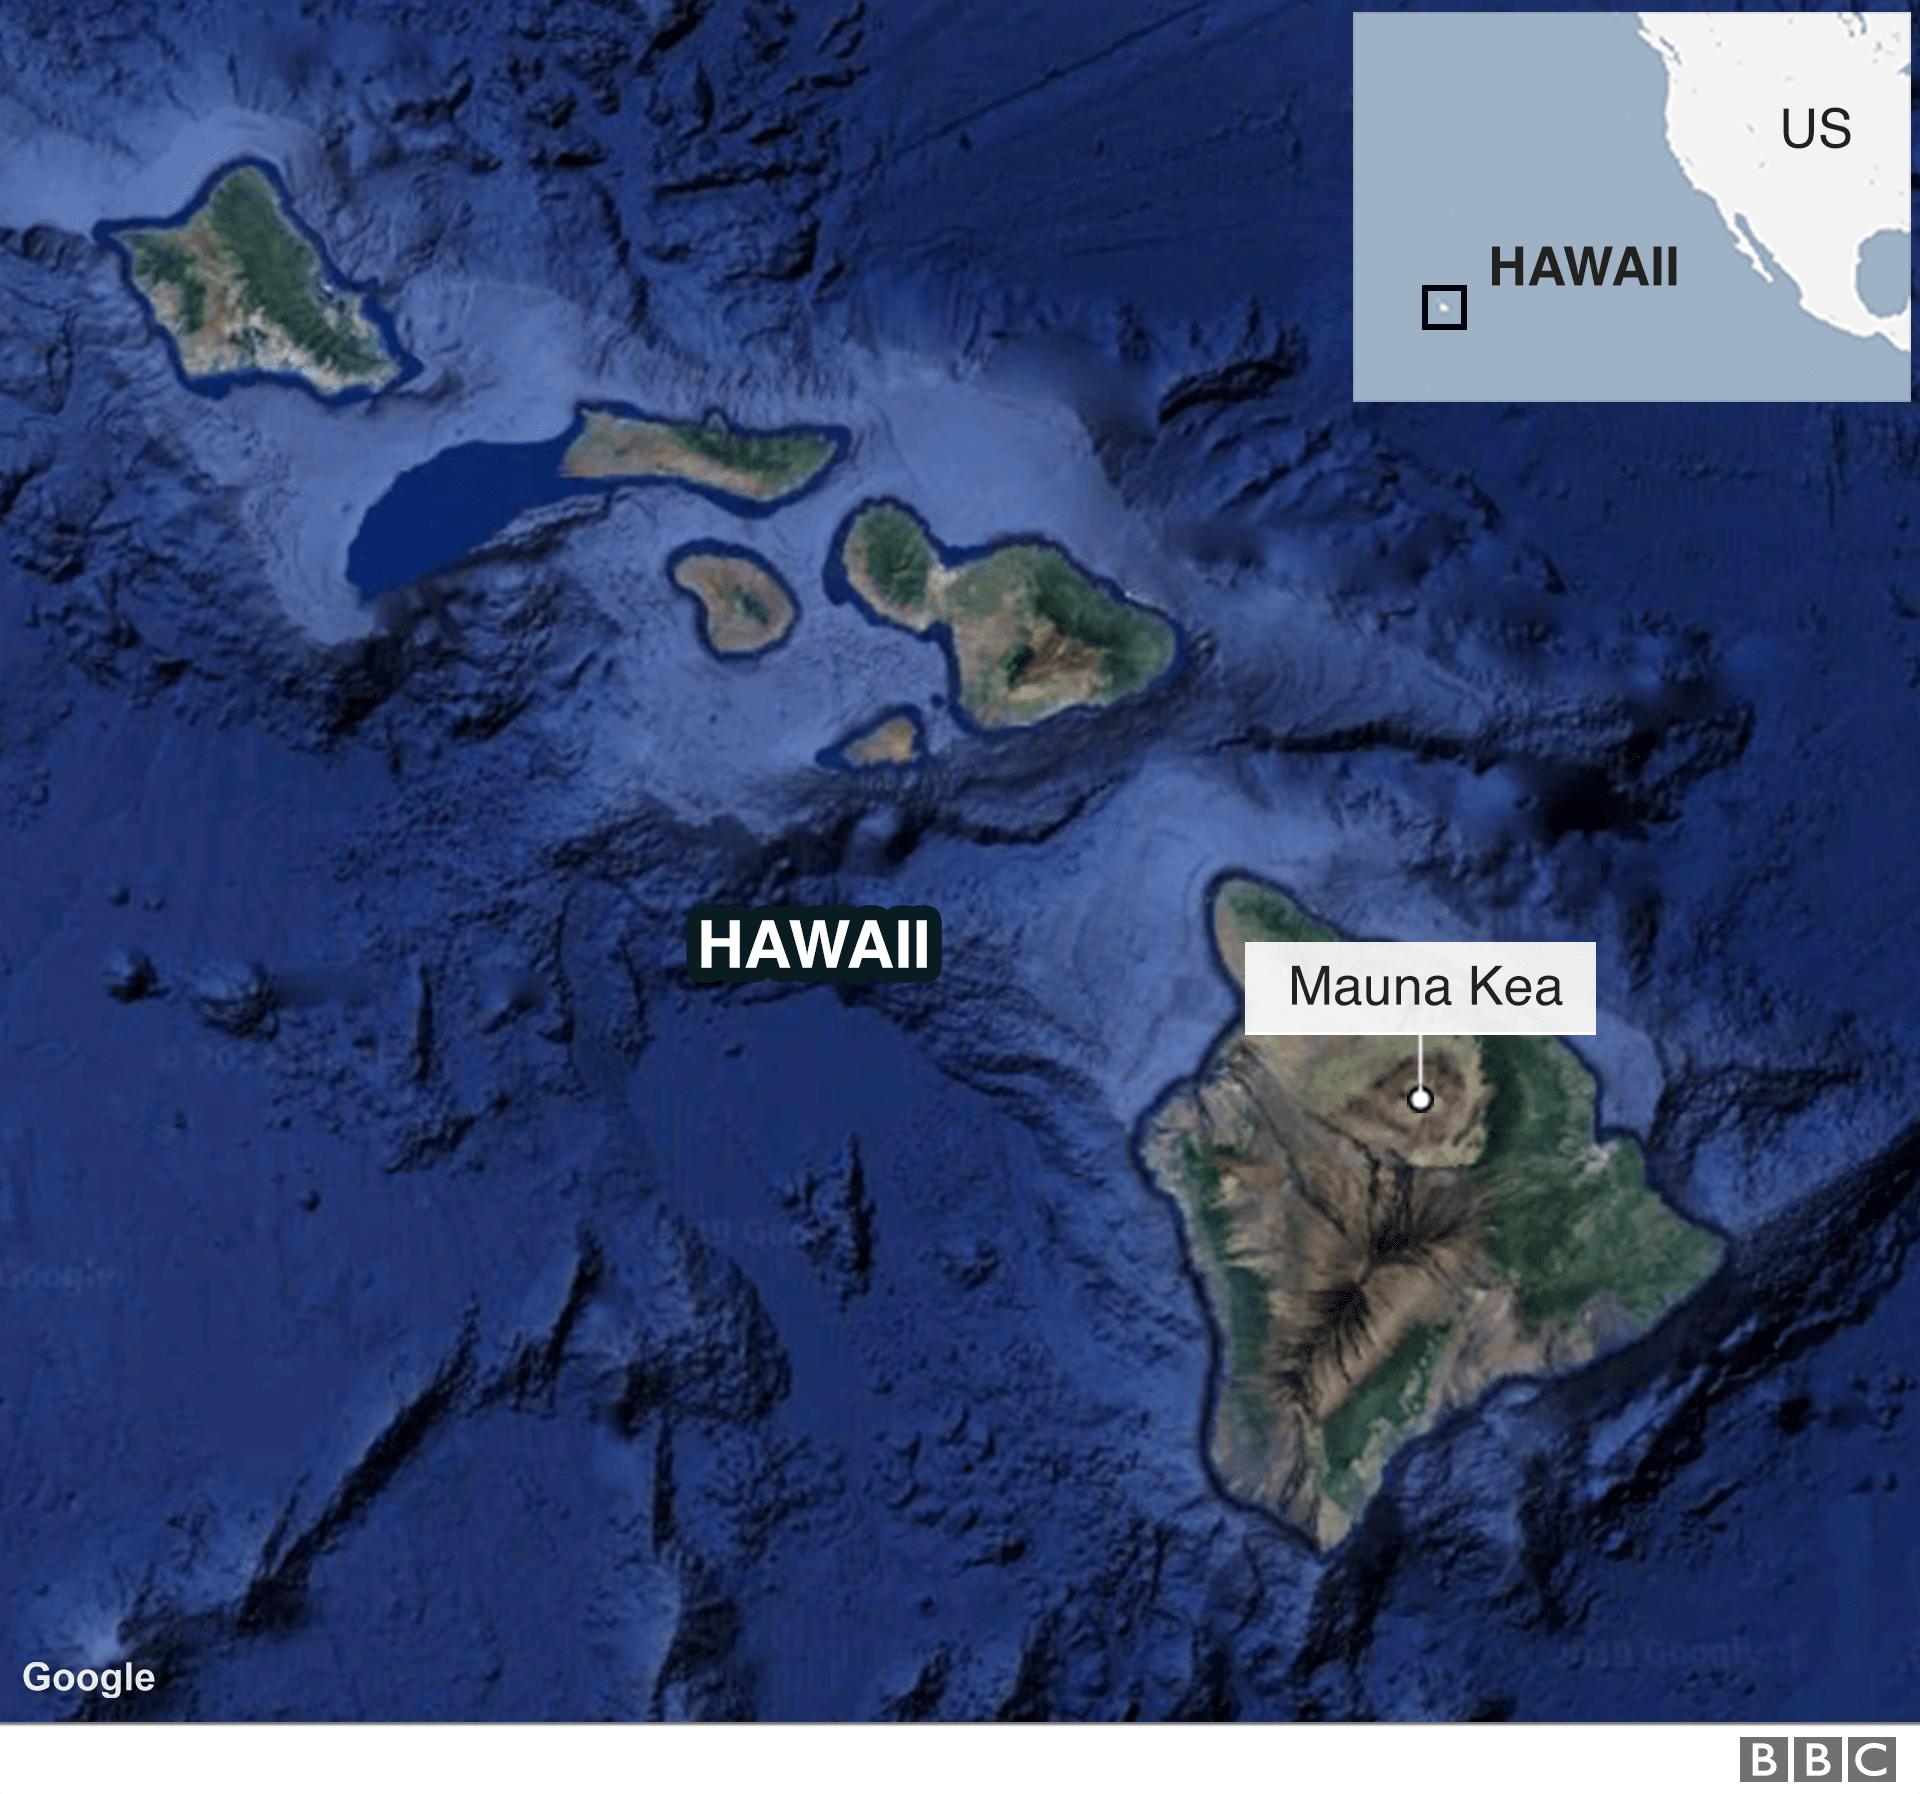 Un mapa muestra la ubicación de la Mauna Kea.